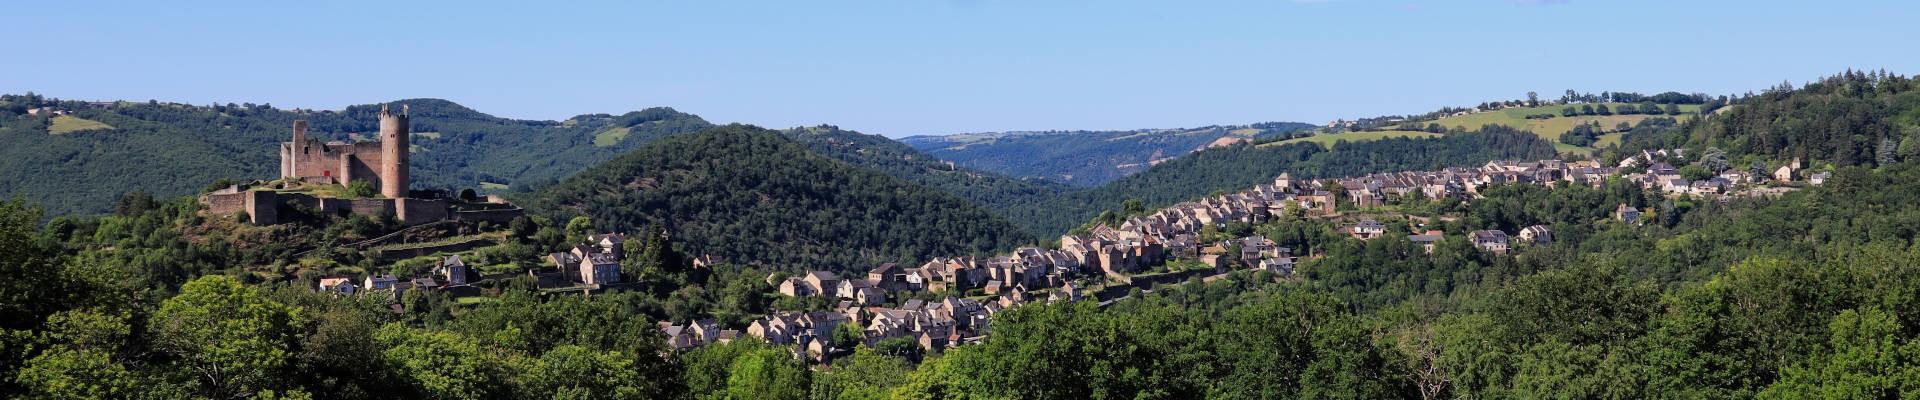 Bandeau Najac, village perché des gorges de l'Aveyron